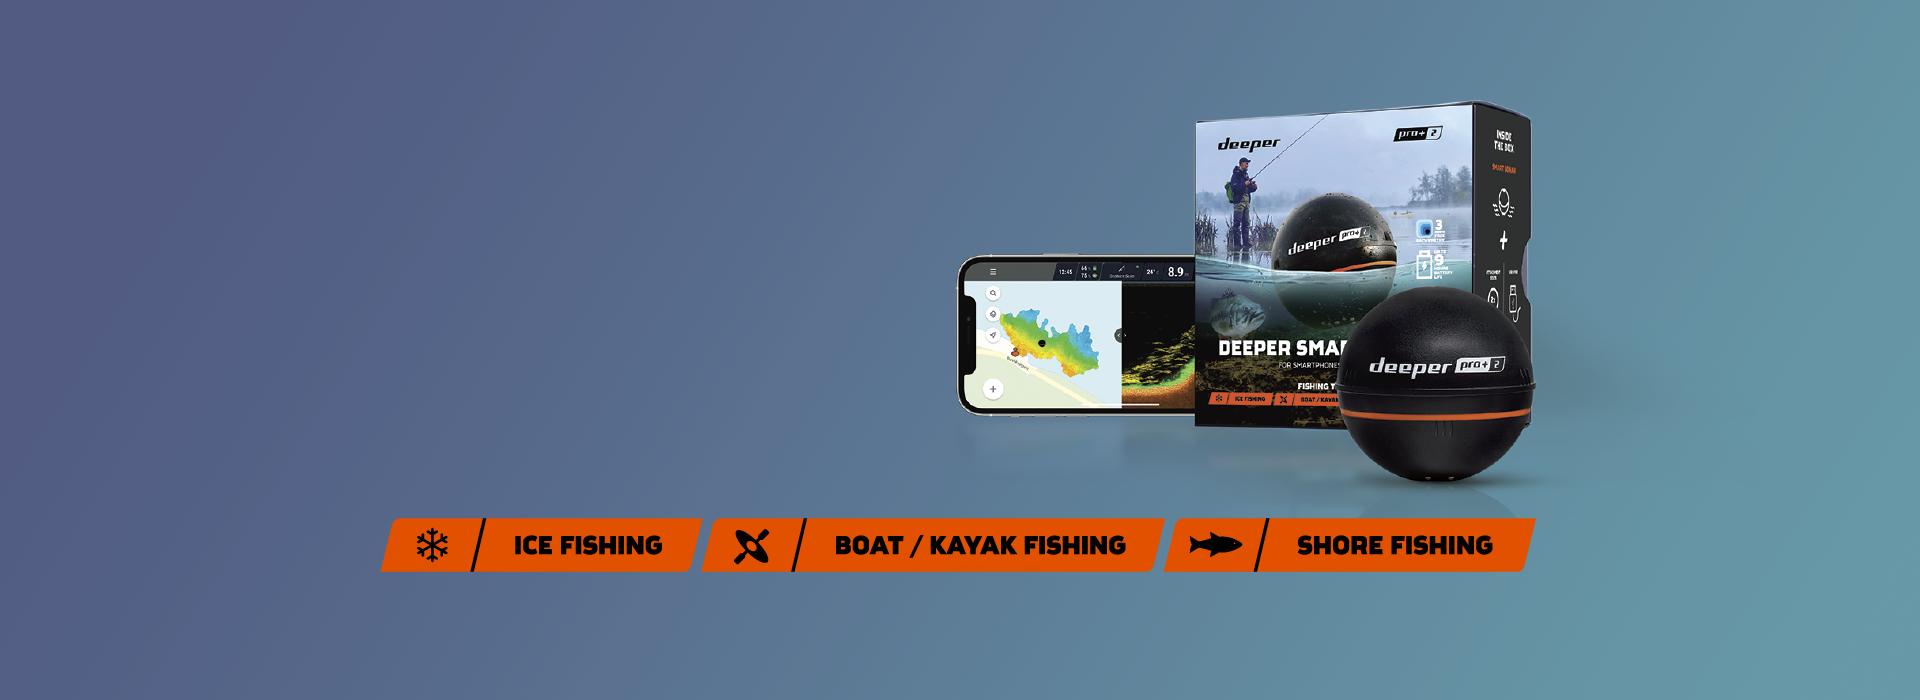 Uusi Deeper PRO+ 2!  Kalastajien suosikki ympäri maailman. Nyt parempana kuin koskaan.